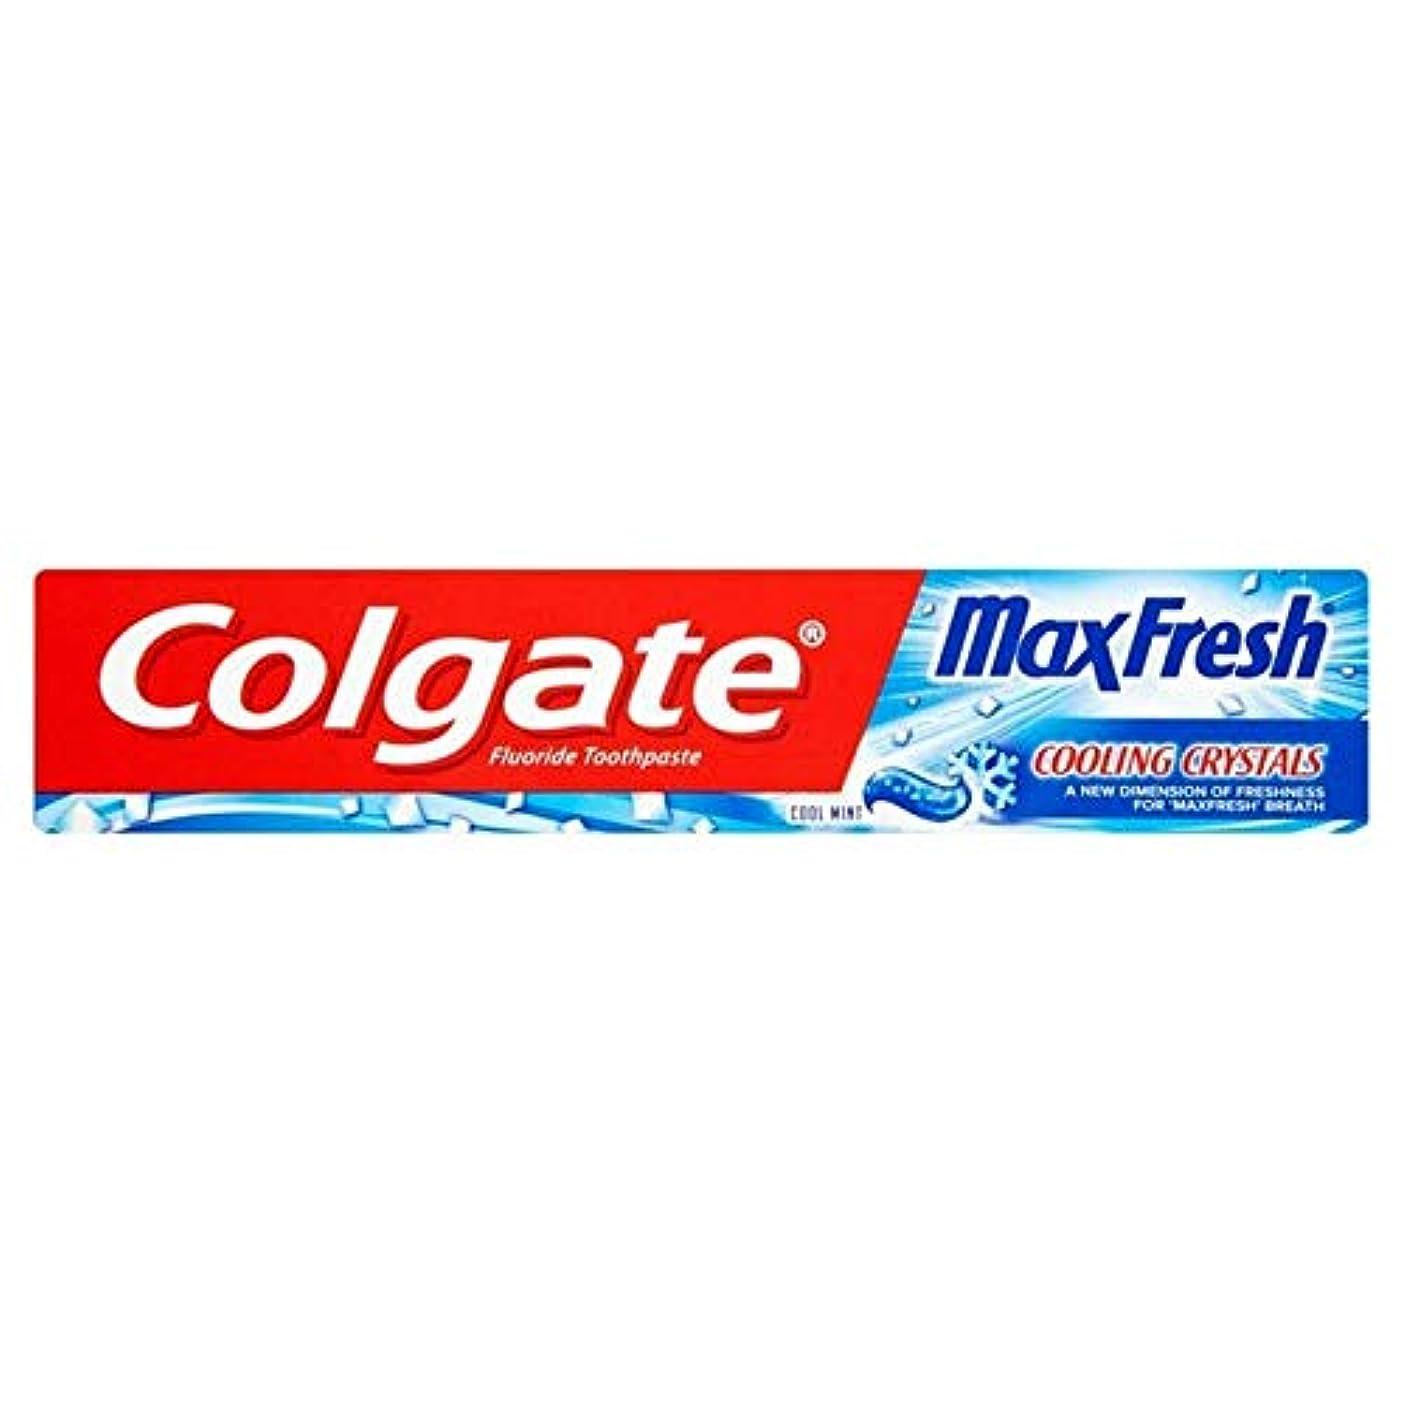 機転デンマーク強風[Colgate ] 冷却結晶歯磨き粉75ミリリットル新鮮なコルゲートマックス - Colgate Max Fresh with Cooling Crystals Toothpaste 75ml [並行輸入品]